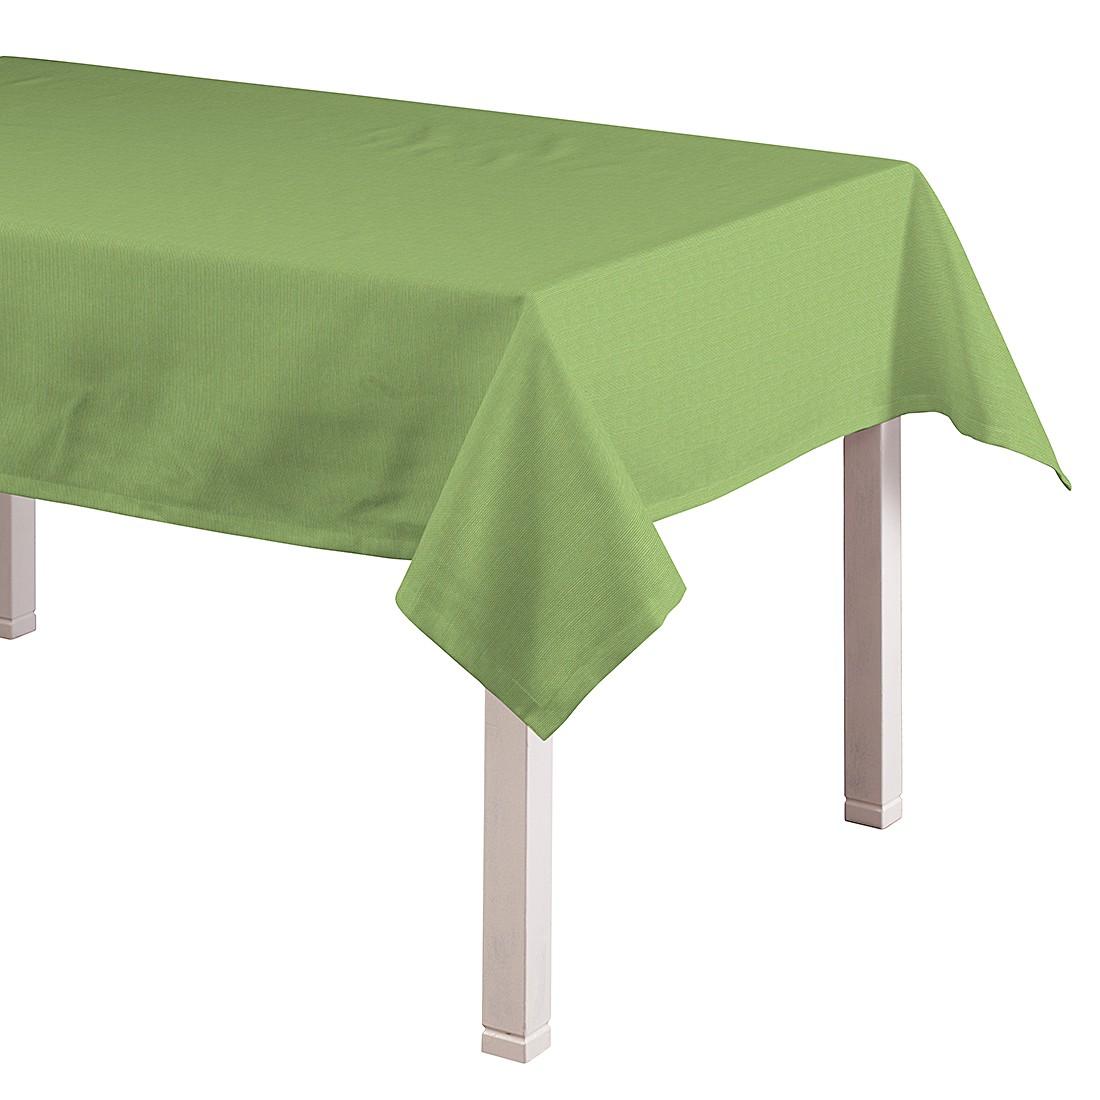 Tischdecke Atago – Hellgrün – 130 x 160 cm, Dekoria online kaufen